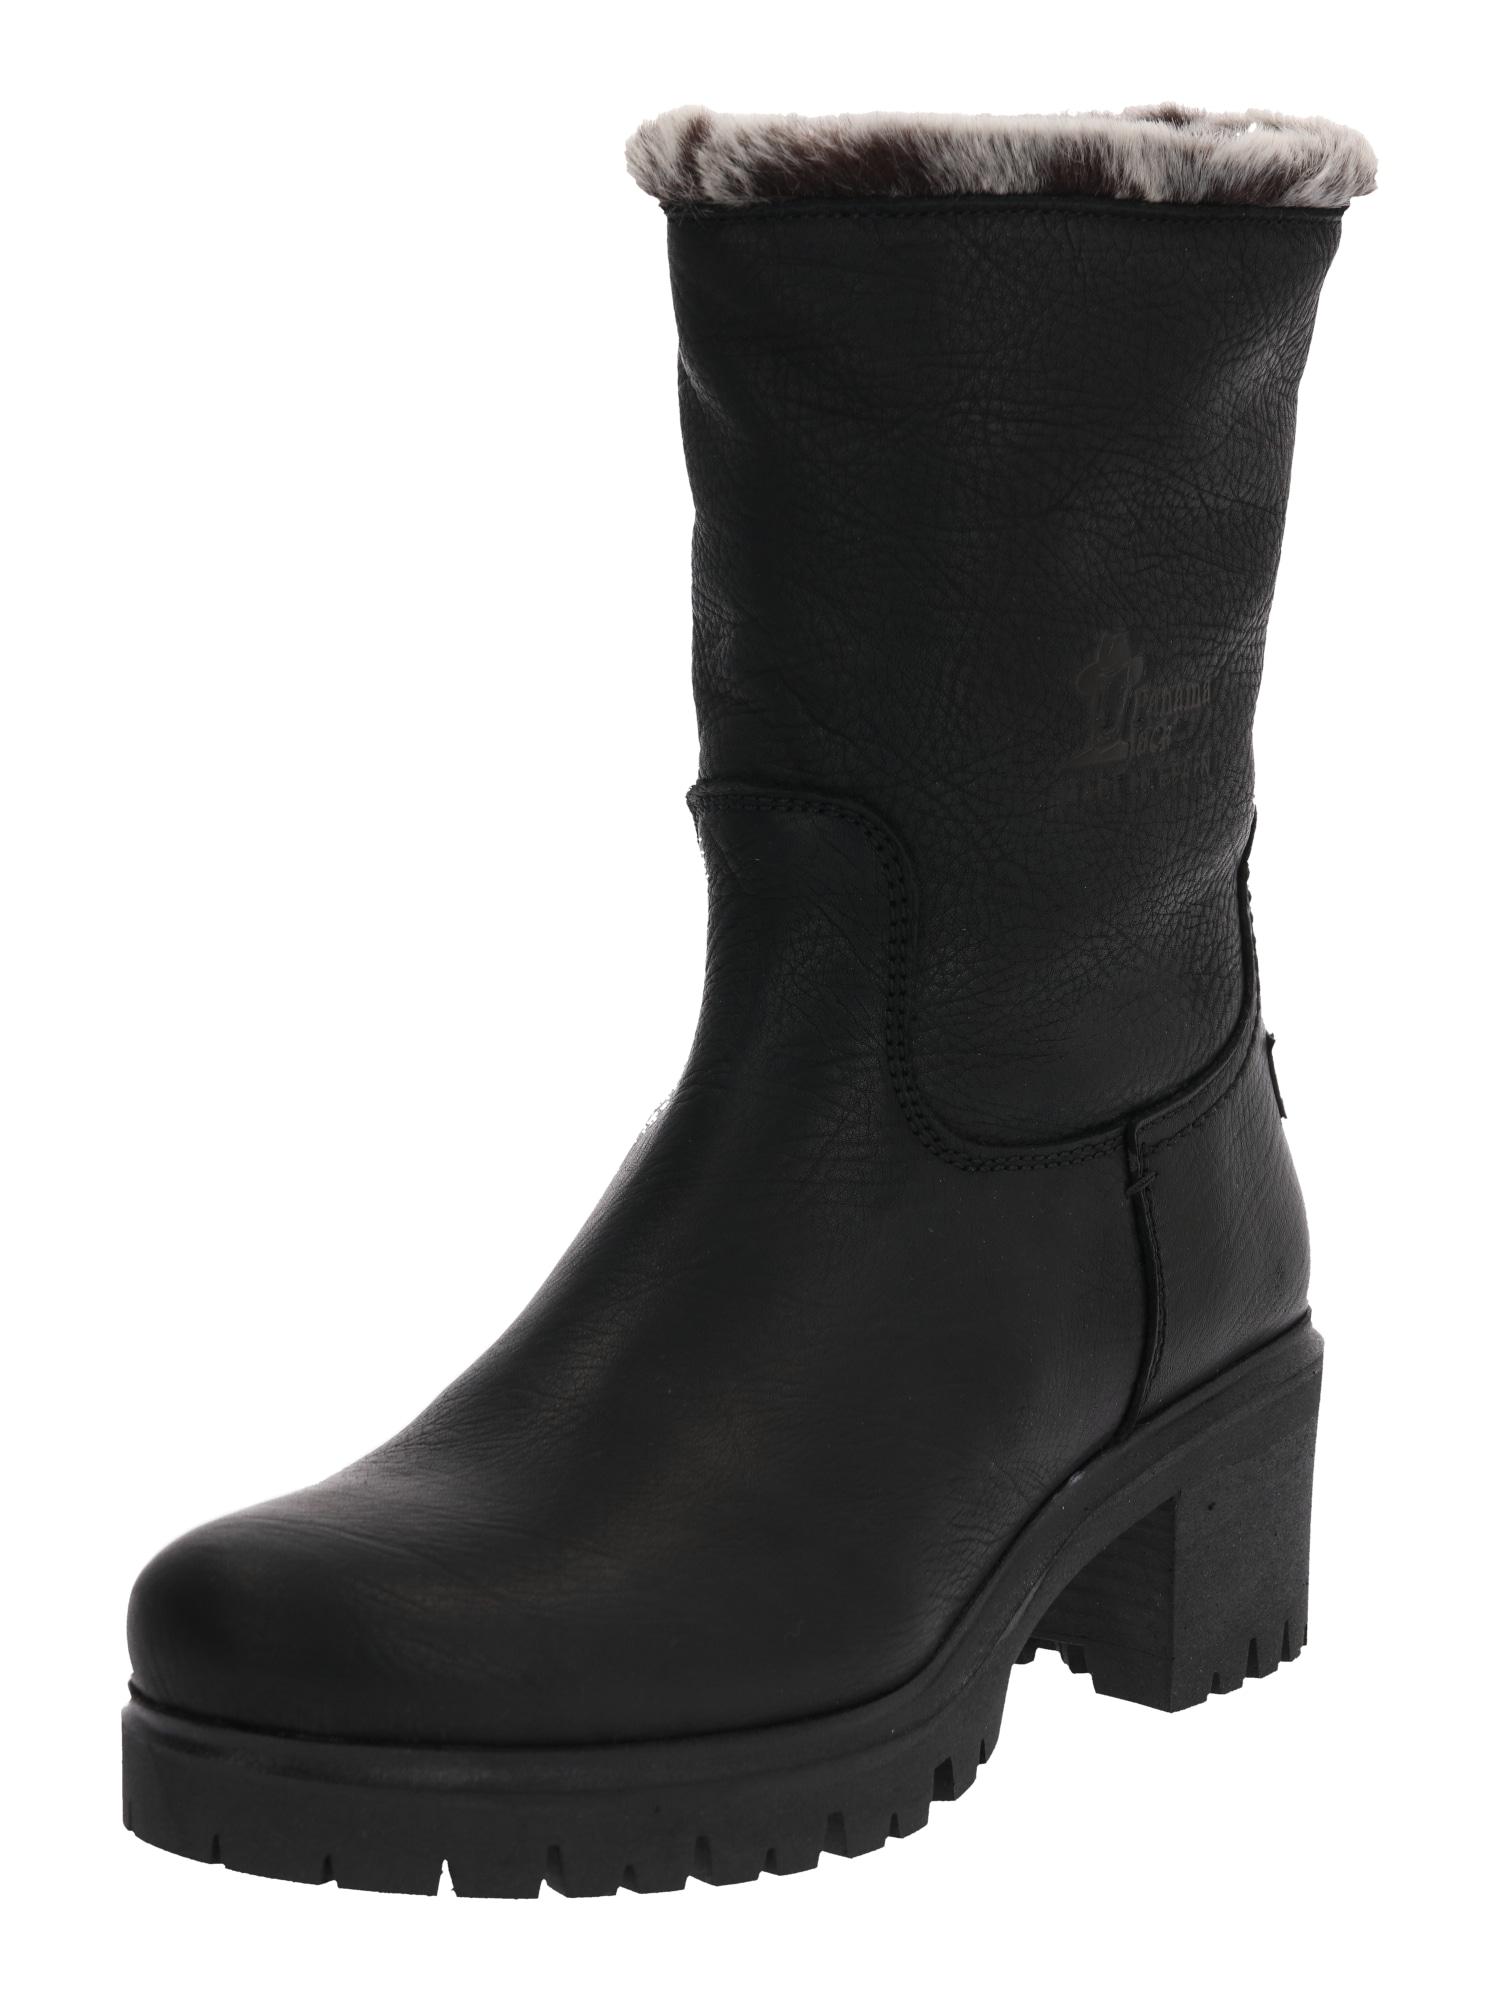 PANAMA JACK Auliniai batai juoda